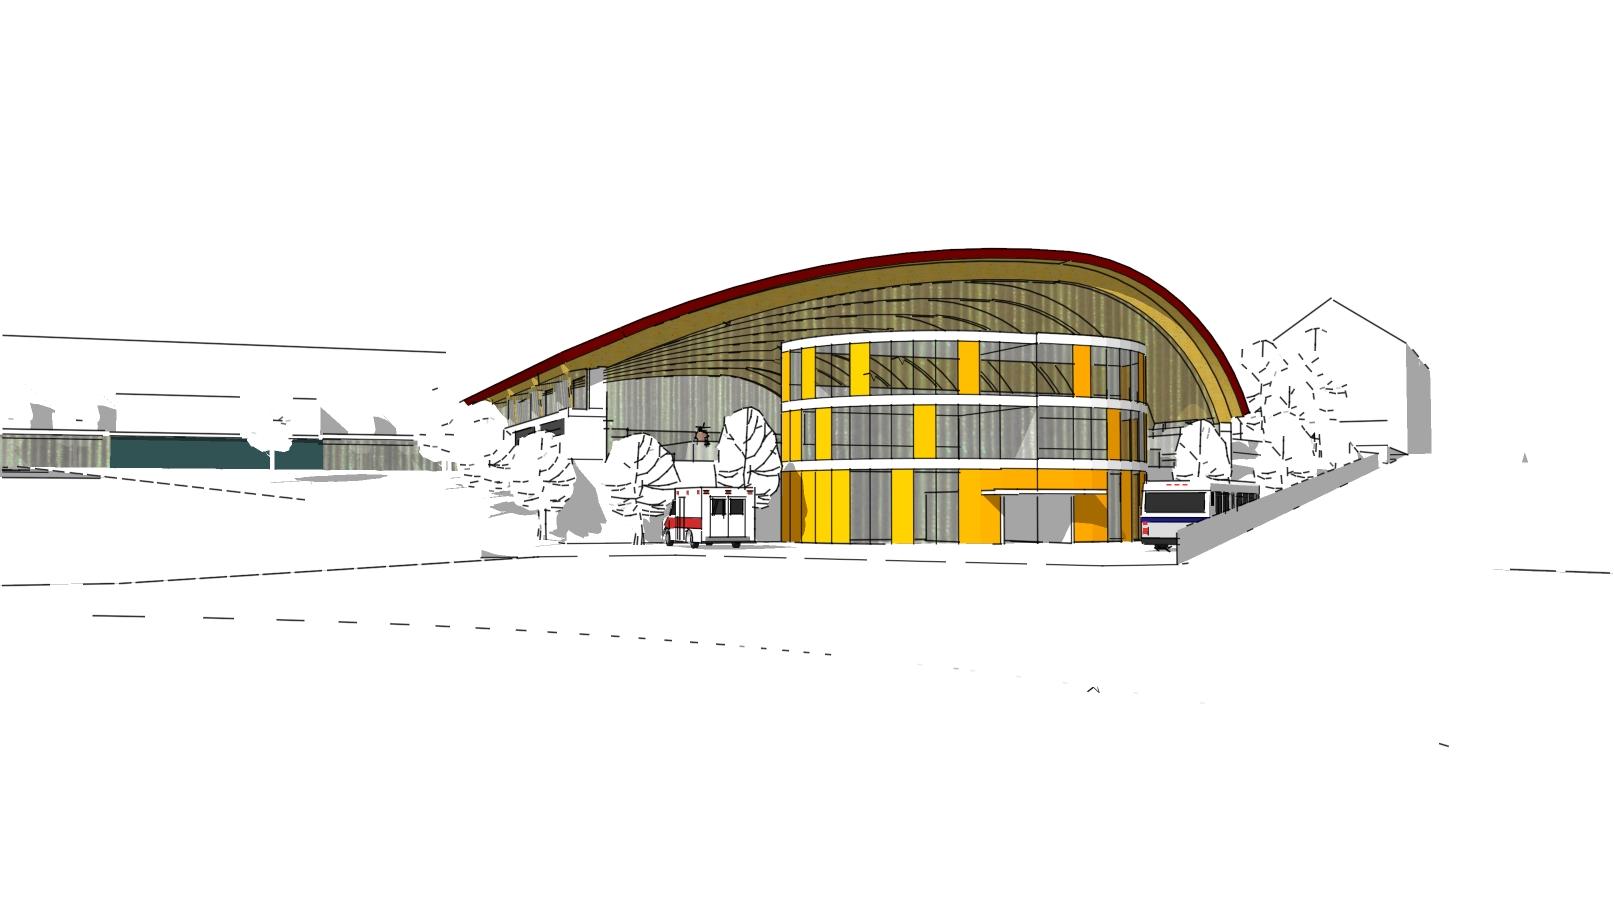 Obrázky ke článku: Architektonické, urbanistické a konstrukční soutěže